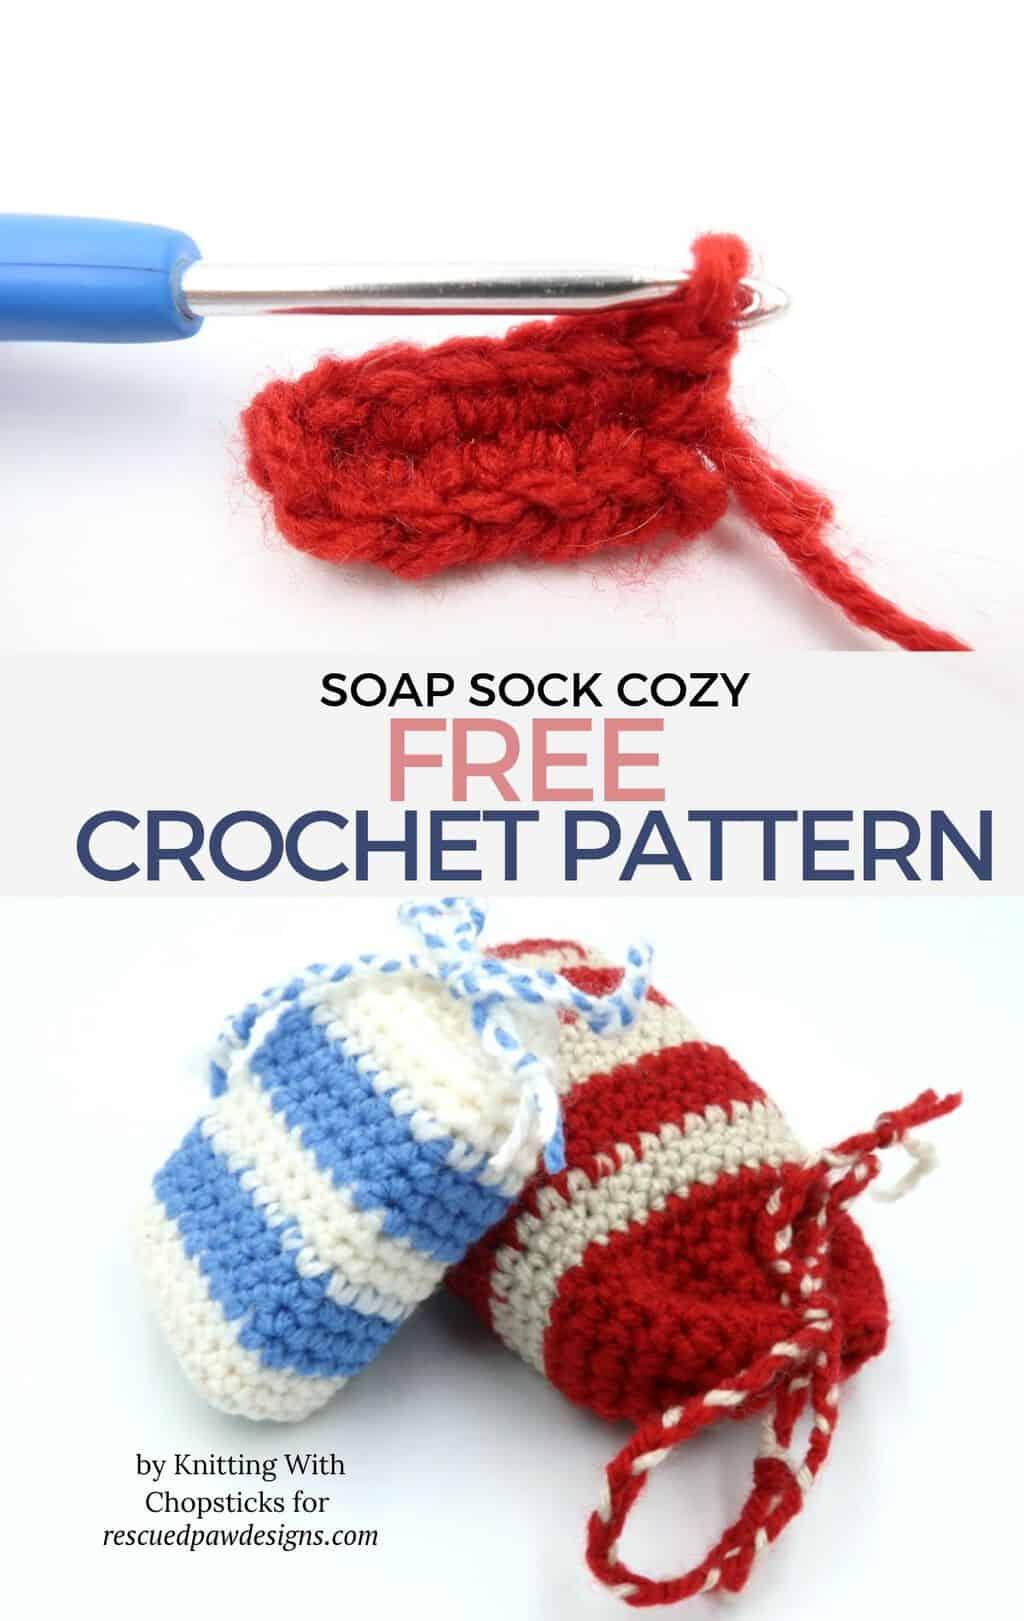 Crochet Soap Cozy Pattern